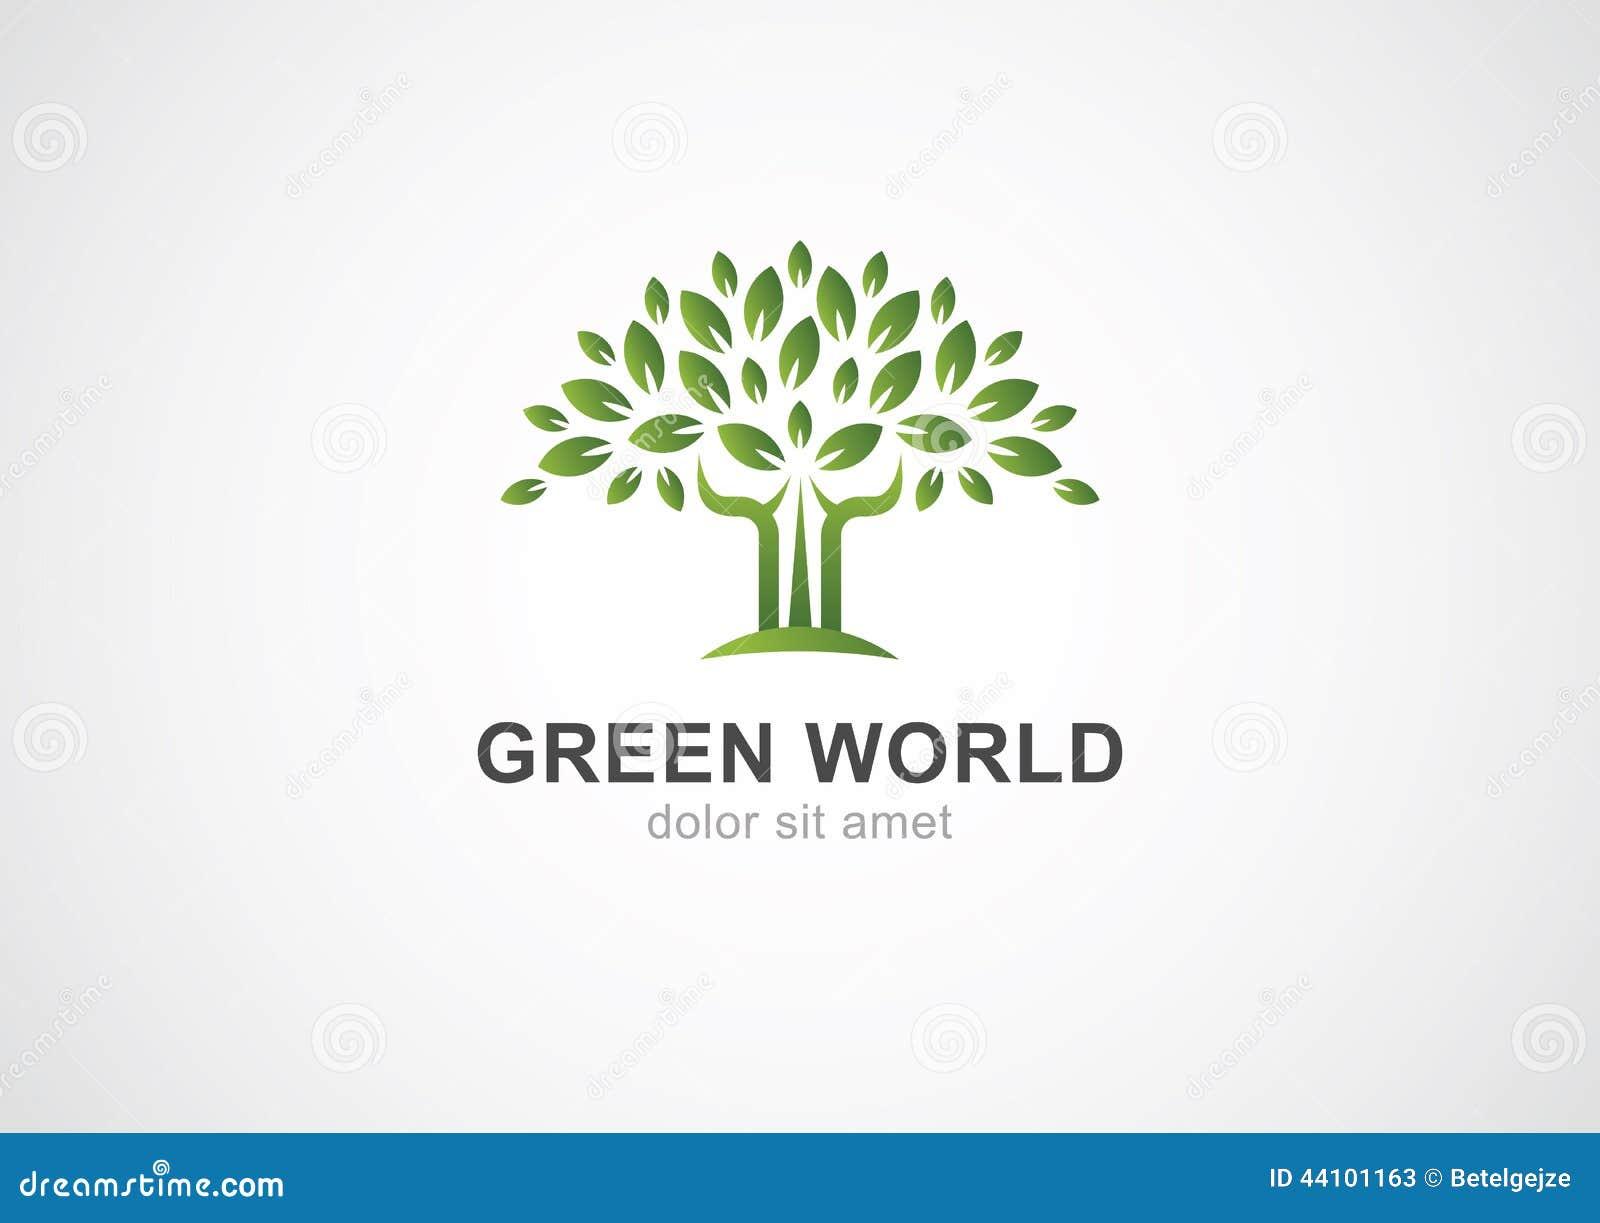 green circle tree vector logo design template  garden or